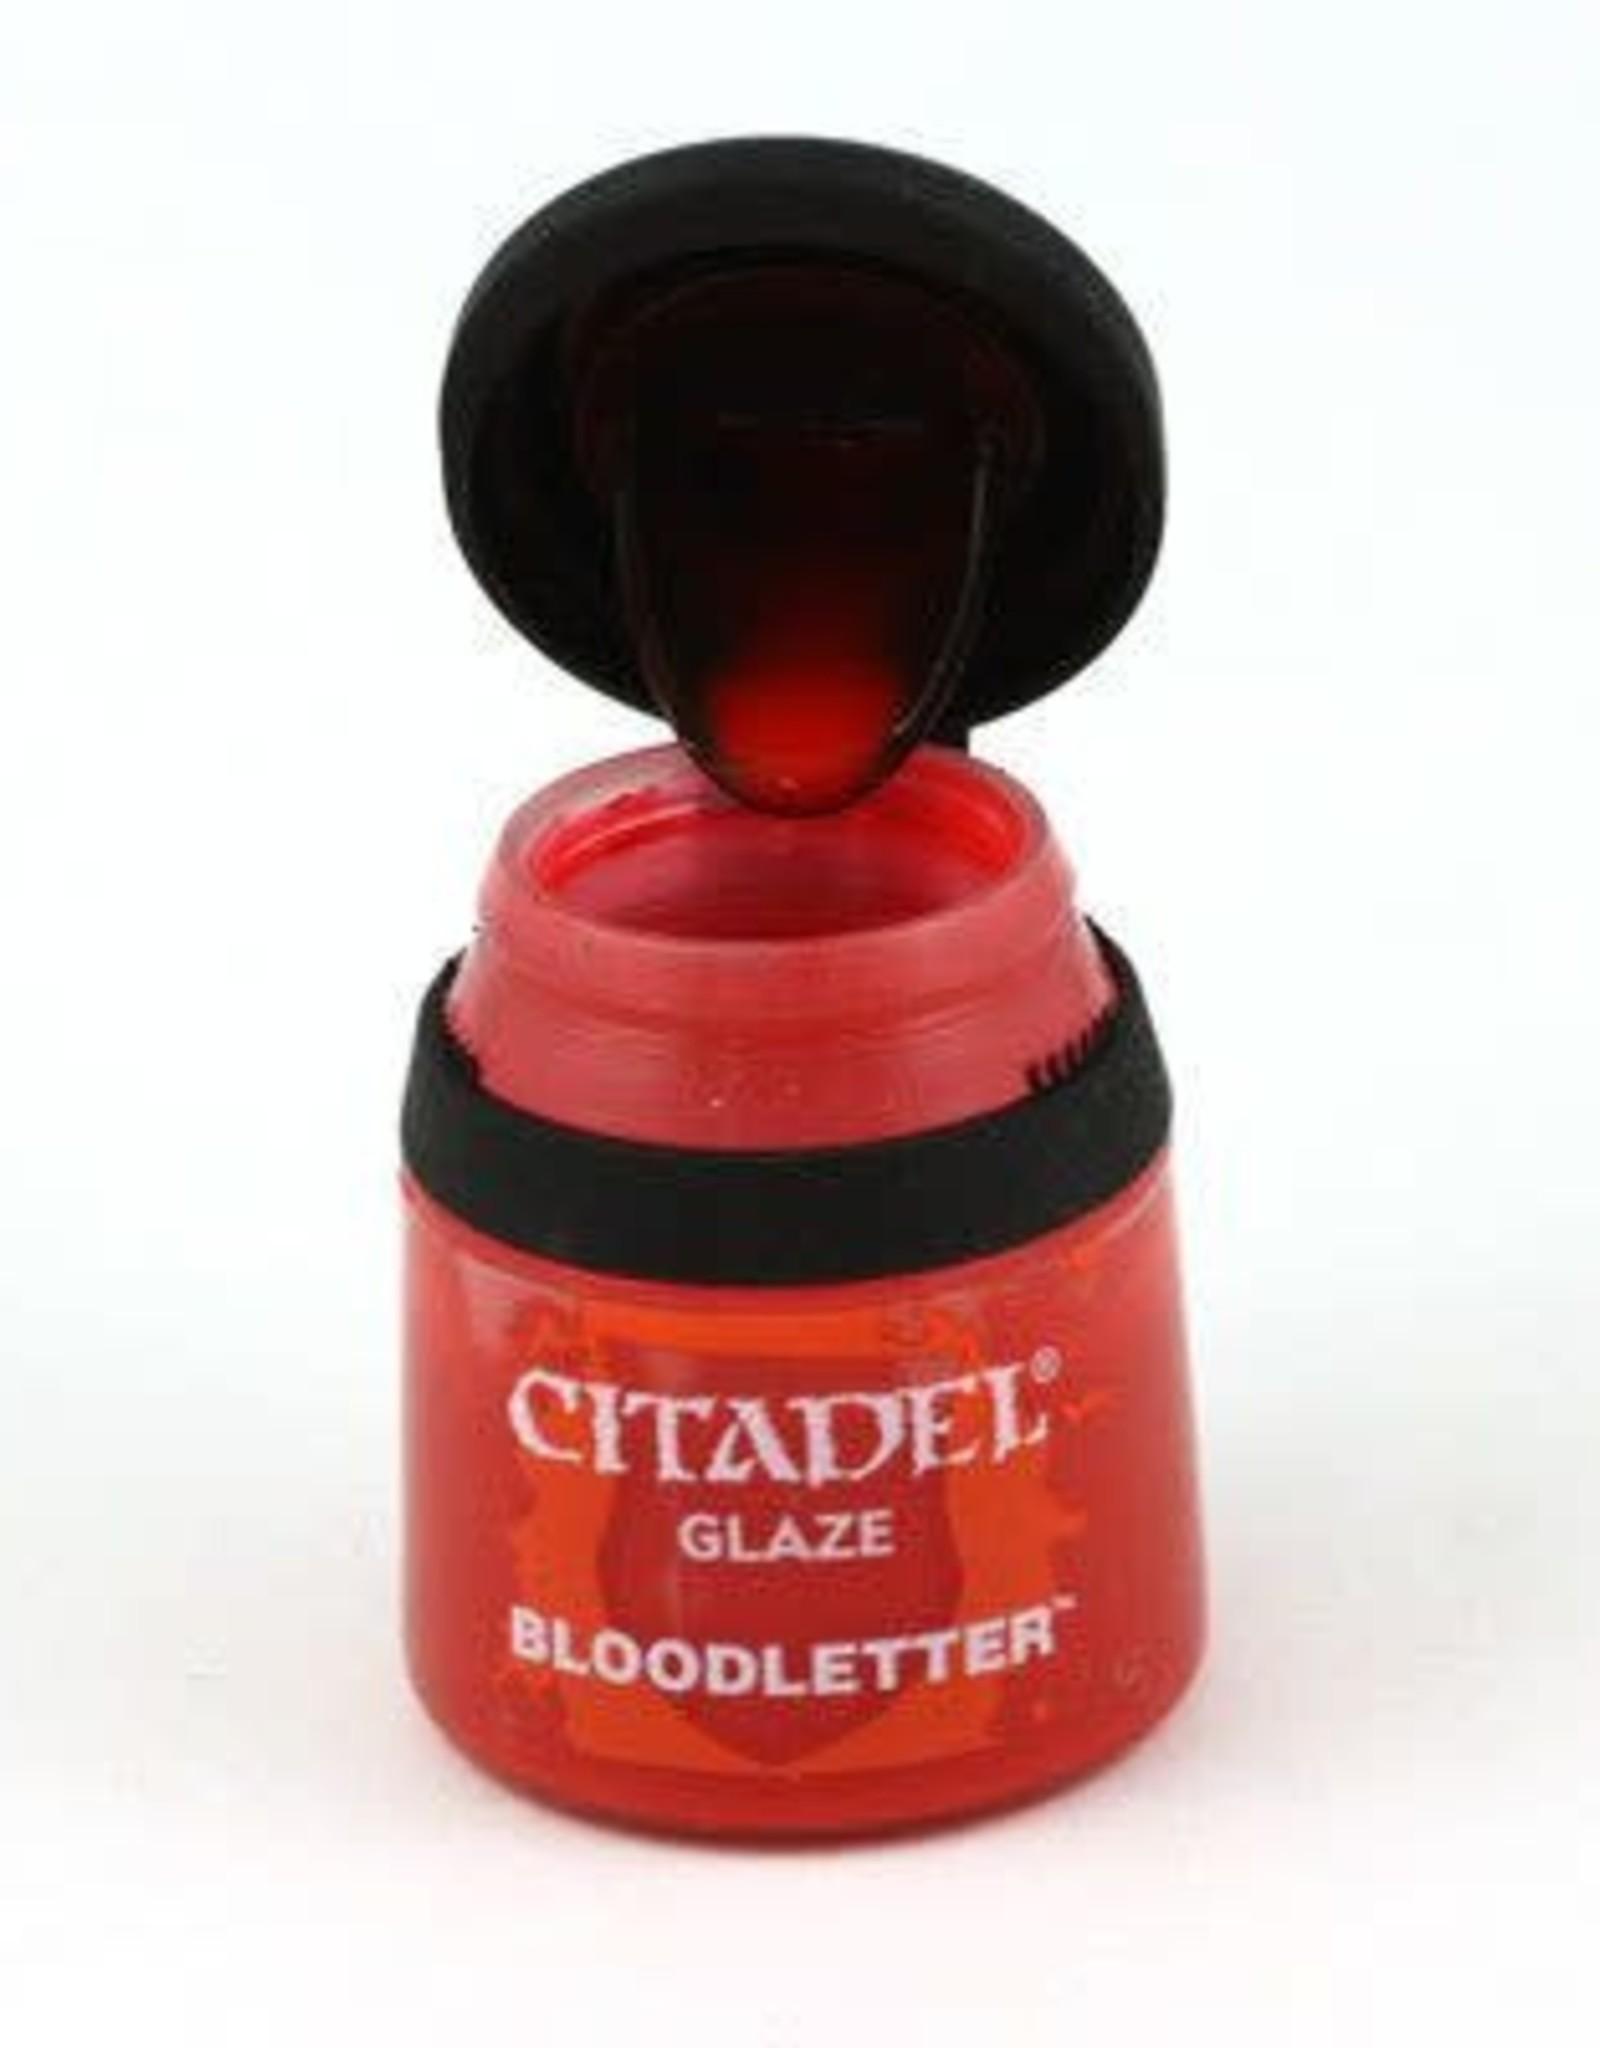 Citadel Paint Bloodletter